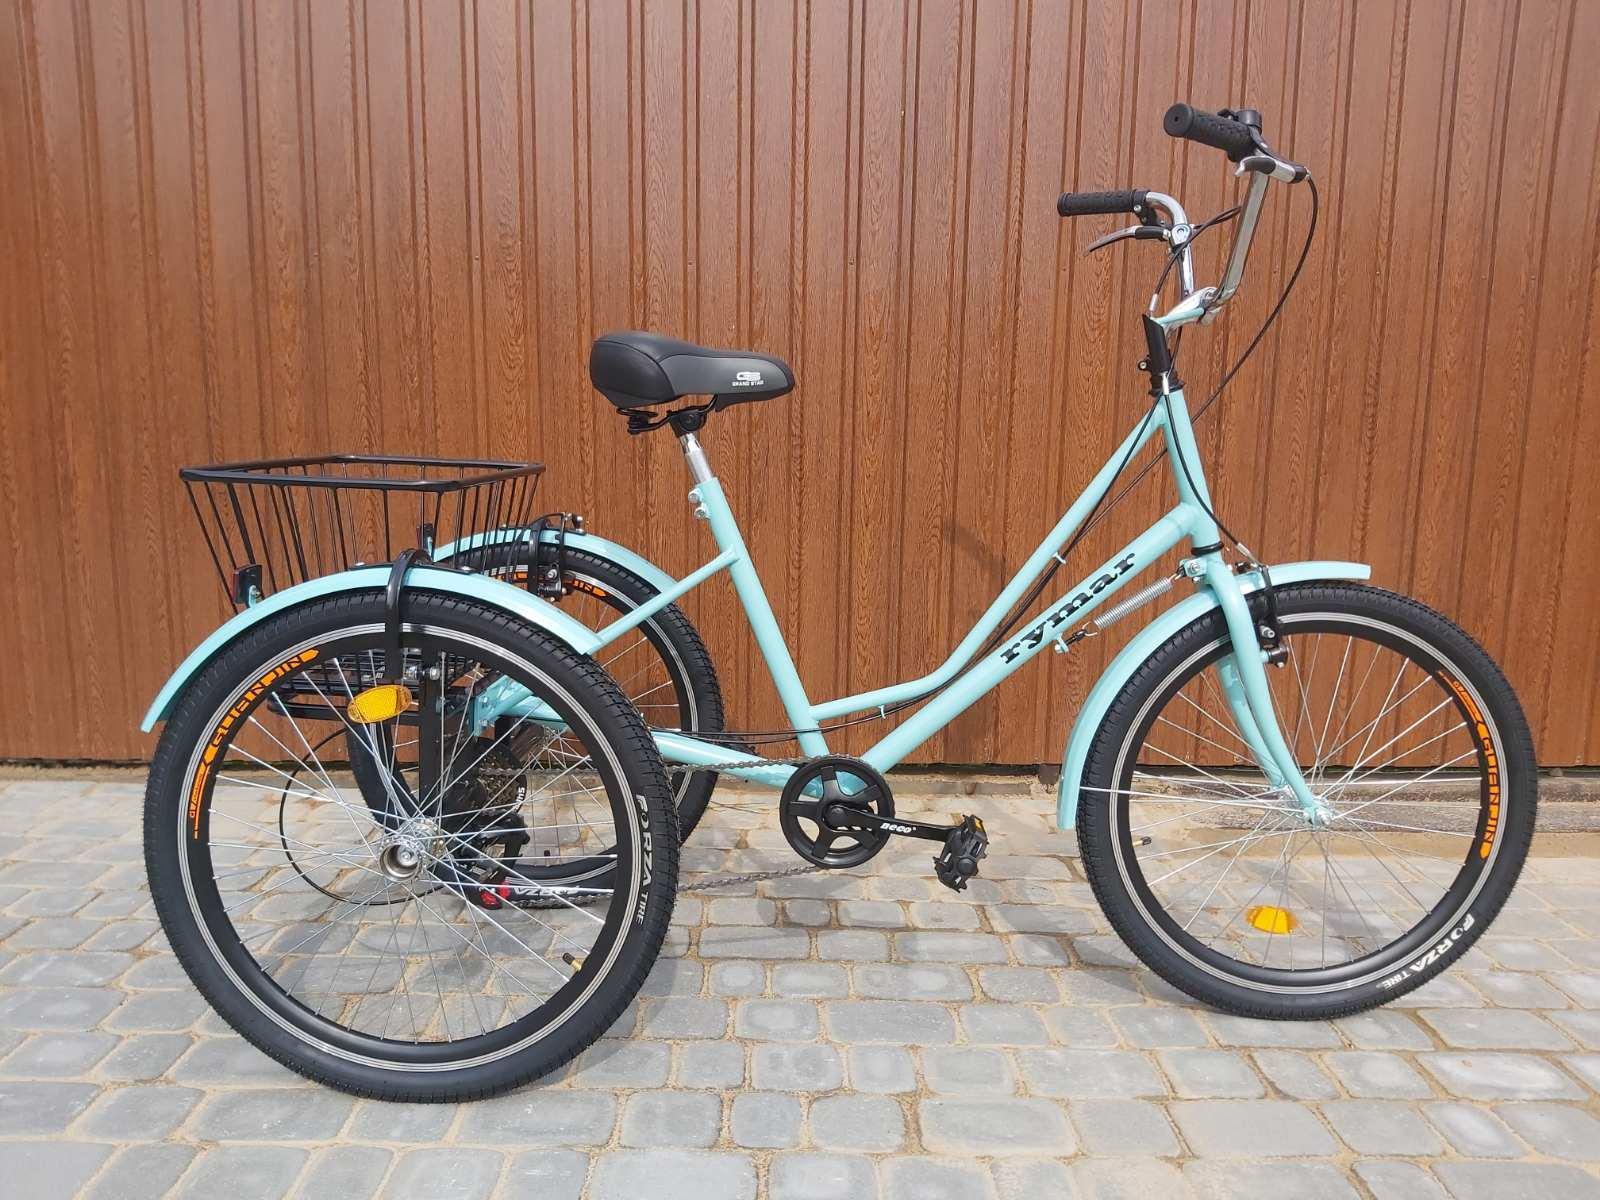 Цена: 12100 грн